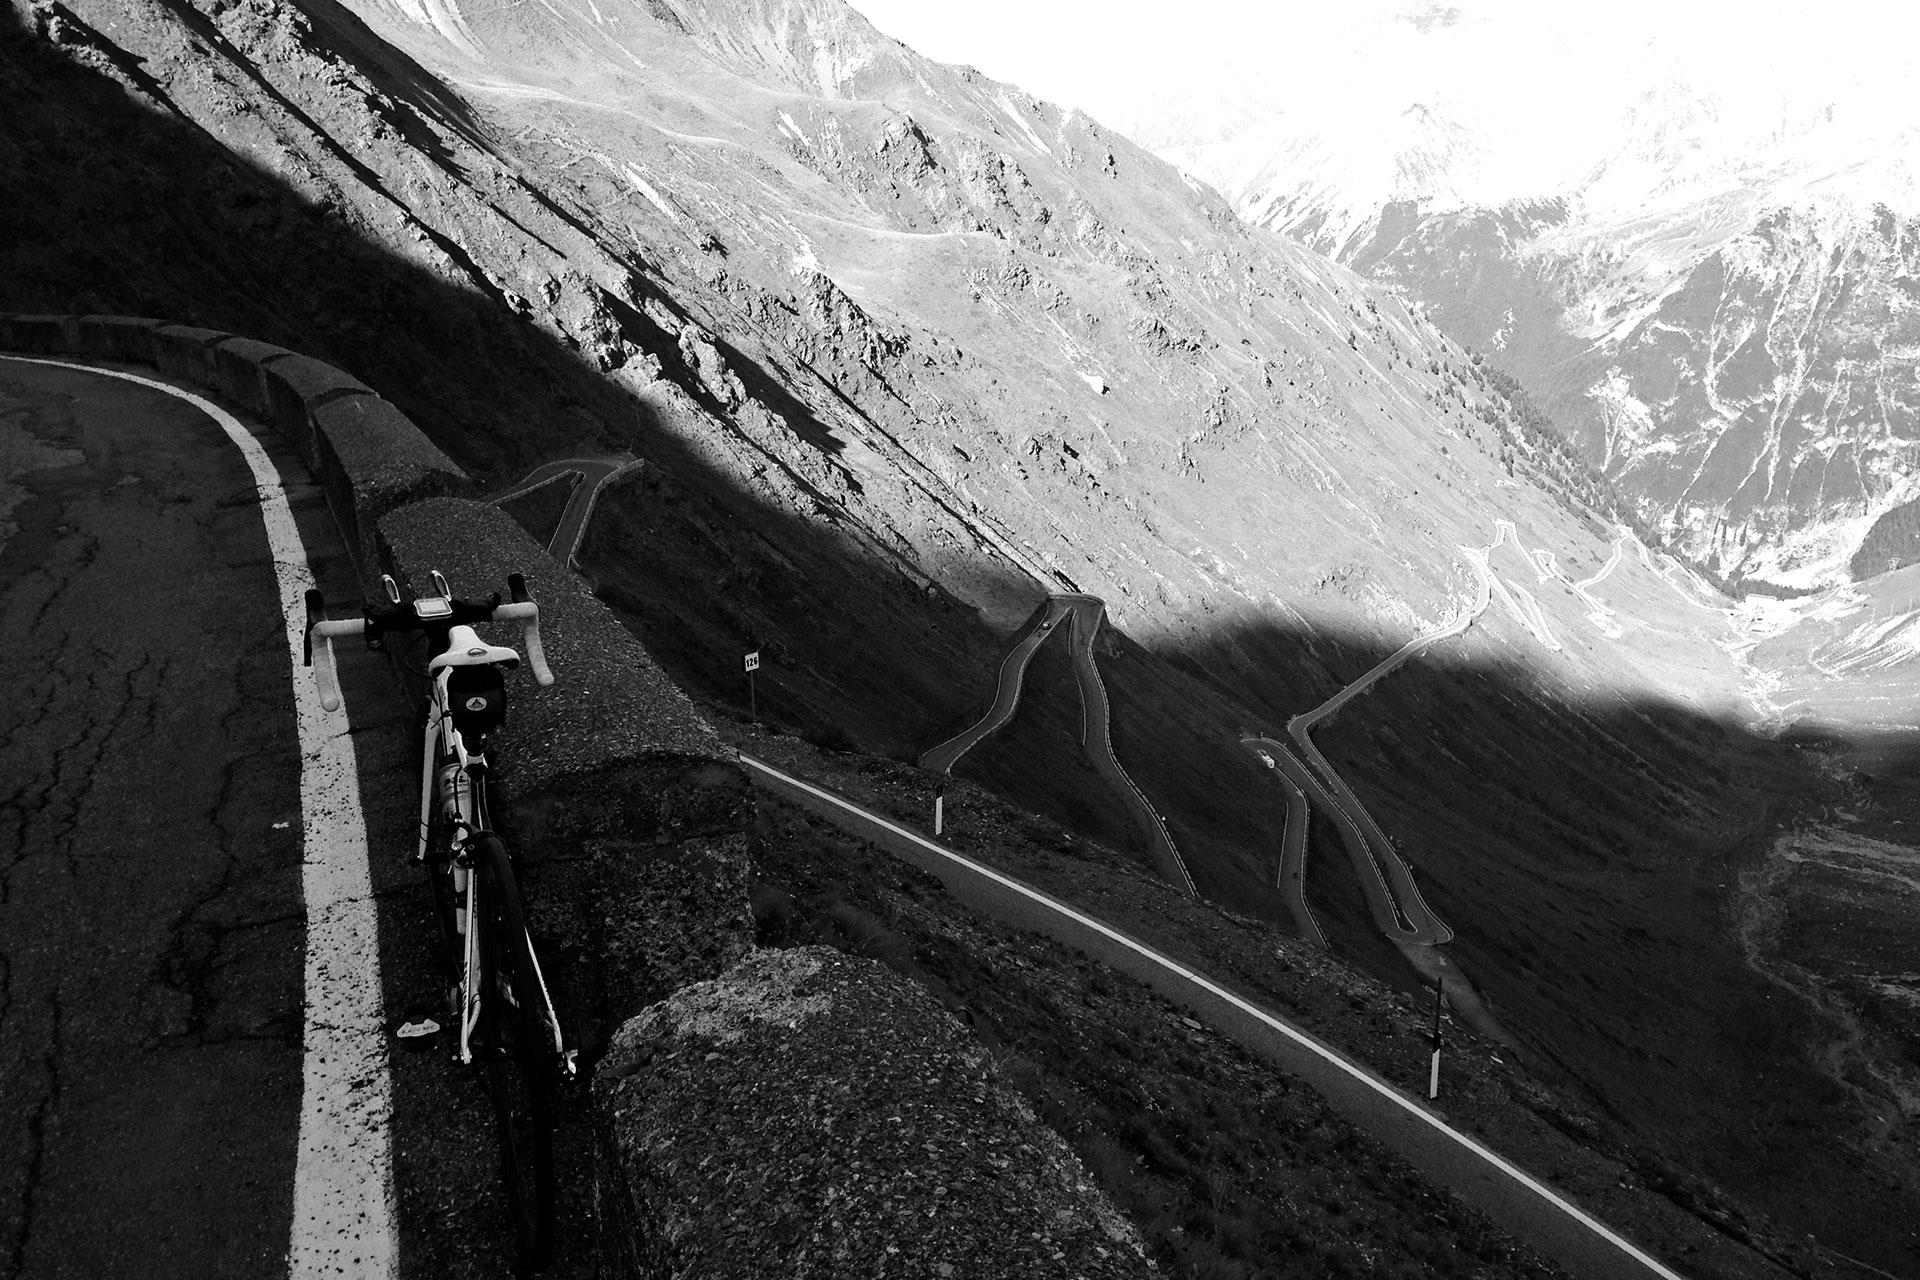 DAS STILFSER JOCH 48 Kehren in Fels gemeisselt / 48 Kehren hinauf zum Stilfser Joch © stefandrexl.de